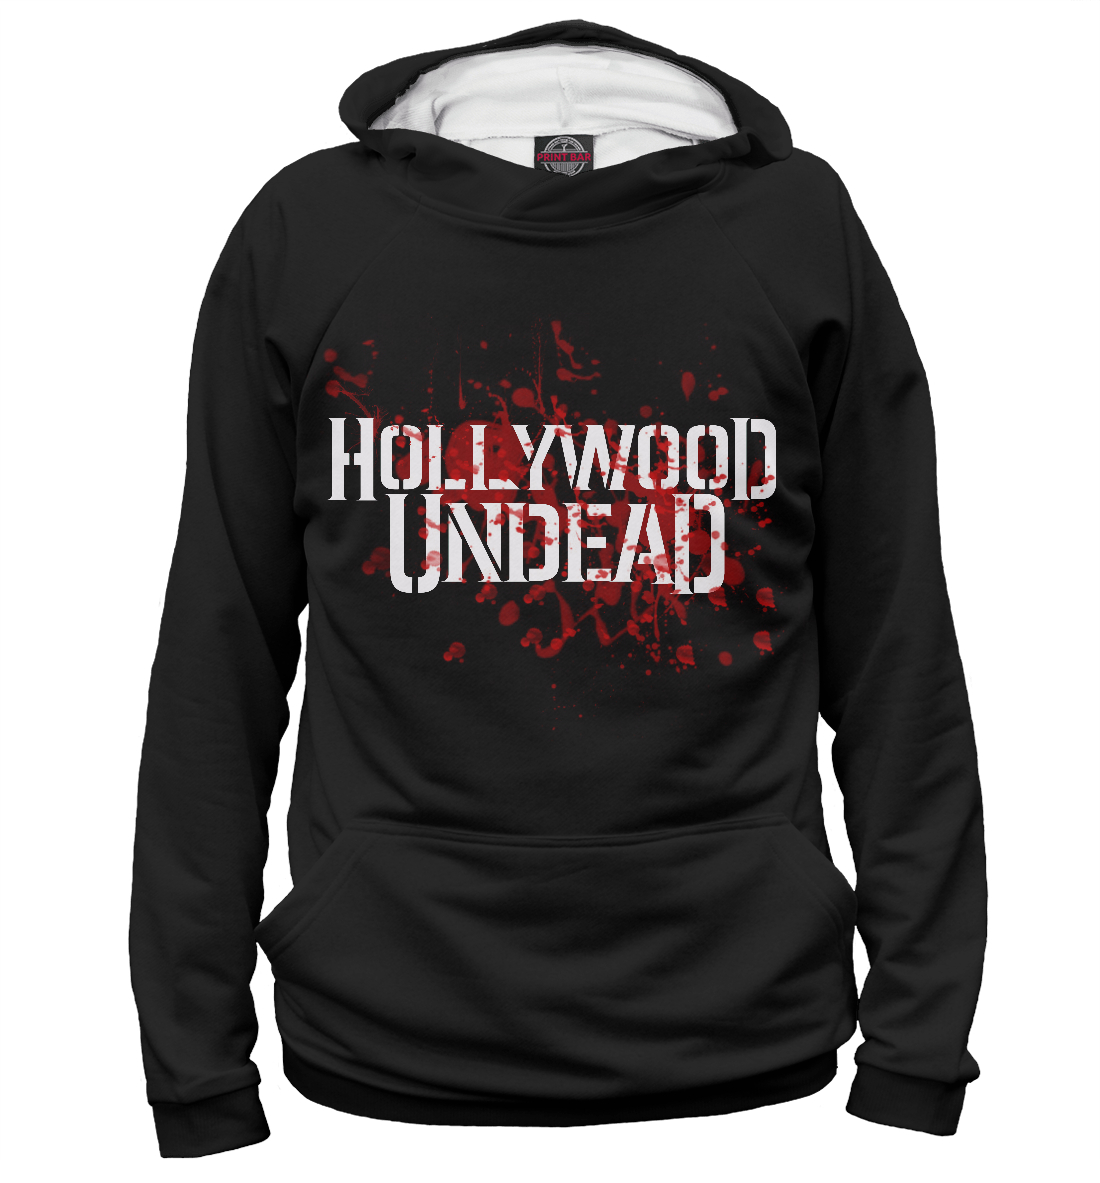 Купить Hollywood Undead, Printbar, Худи, HLW-957399-hud-1